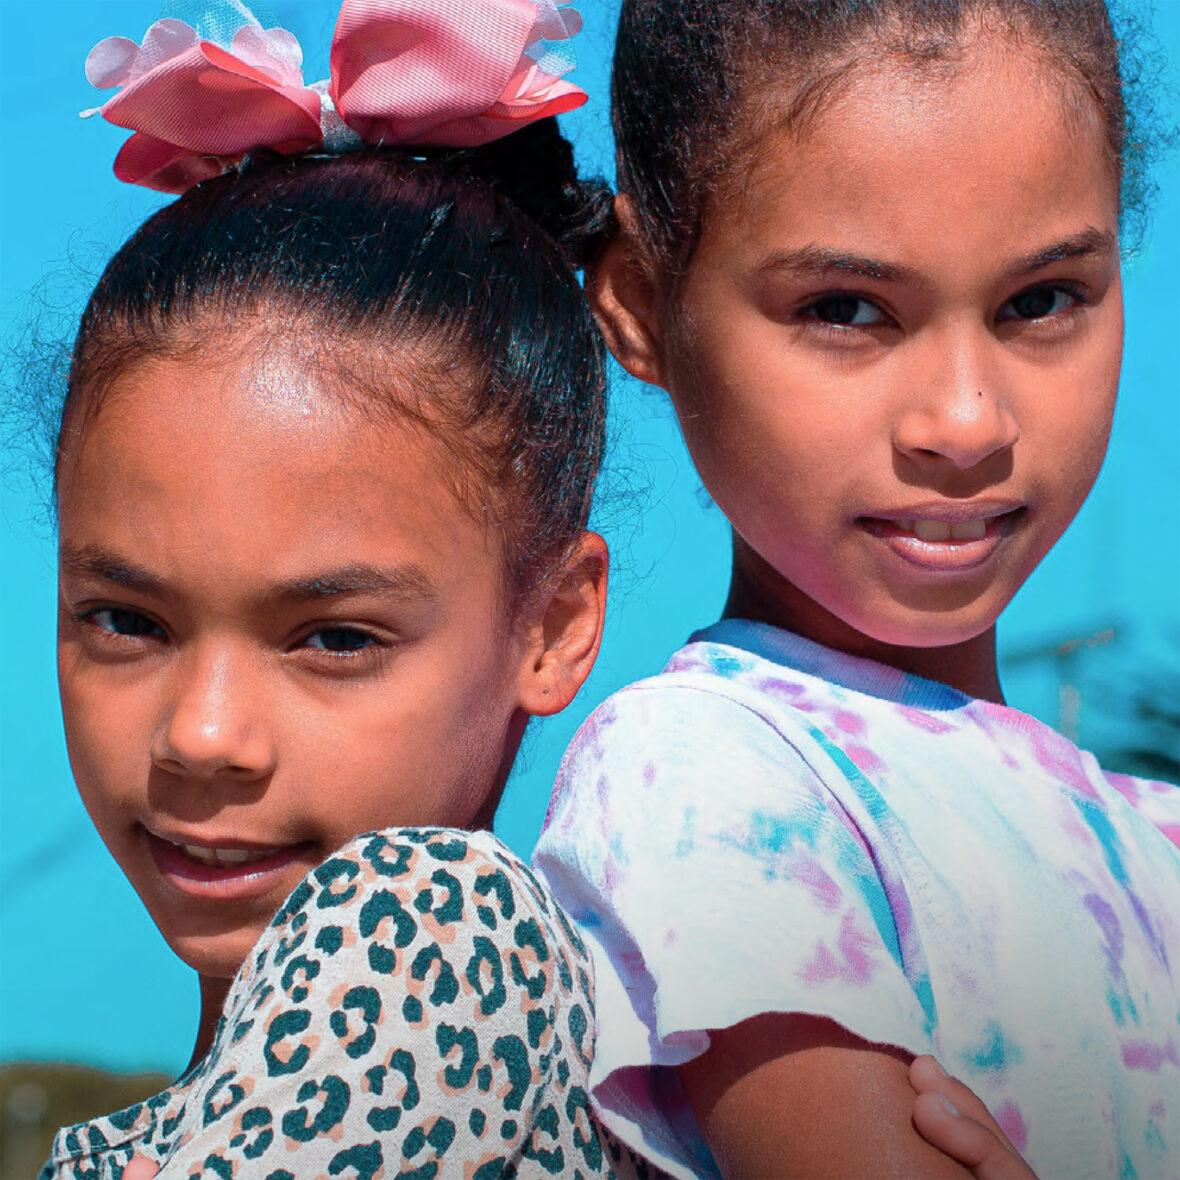 Kaksi tyttöä katsoo kameraan. Toisella on rusetti päässä.